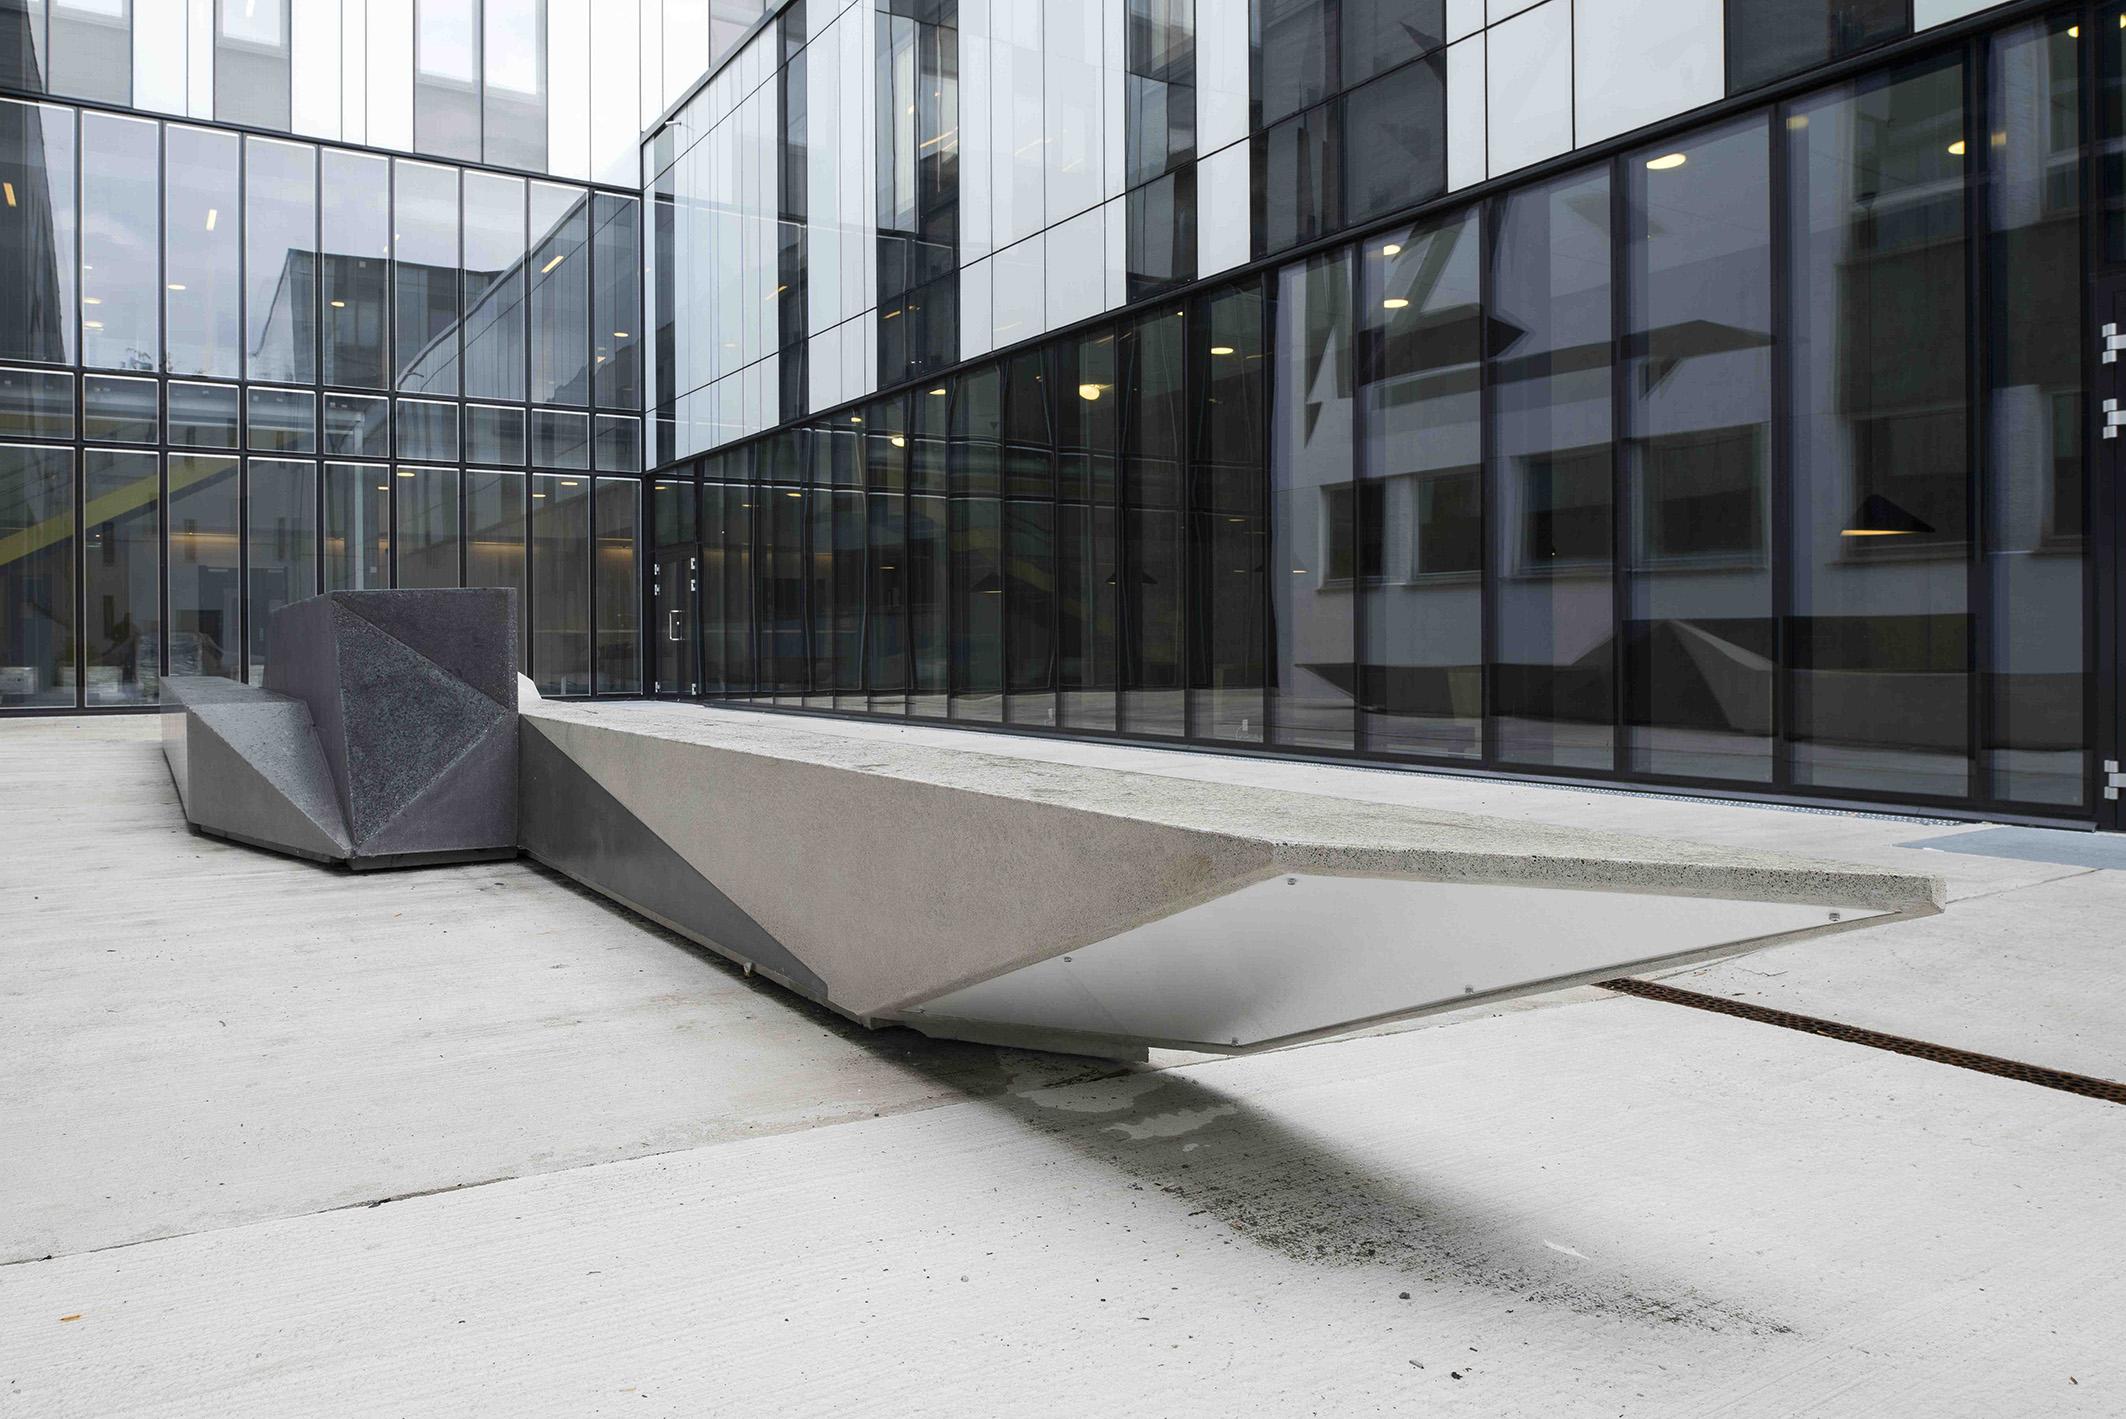 Unfolded Shape Drifter  Concrete sculpture